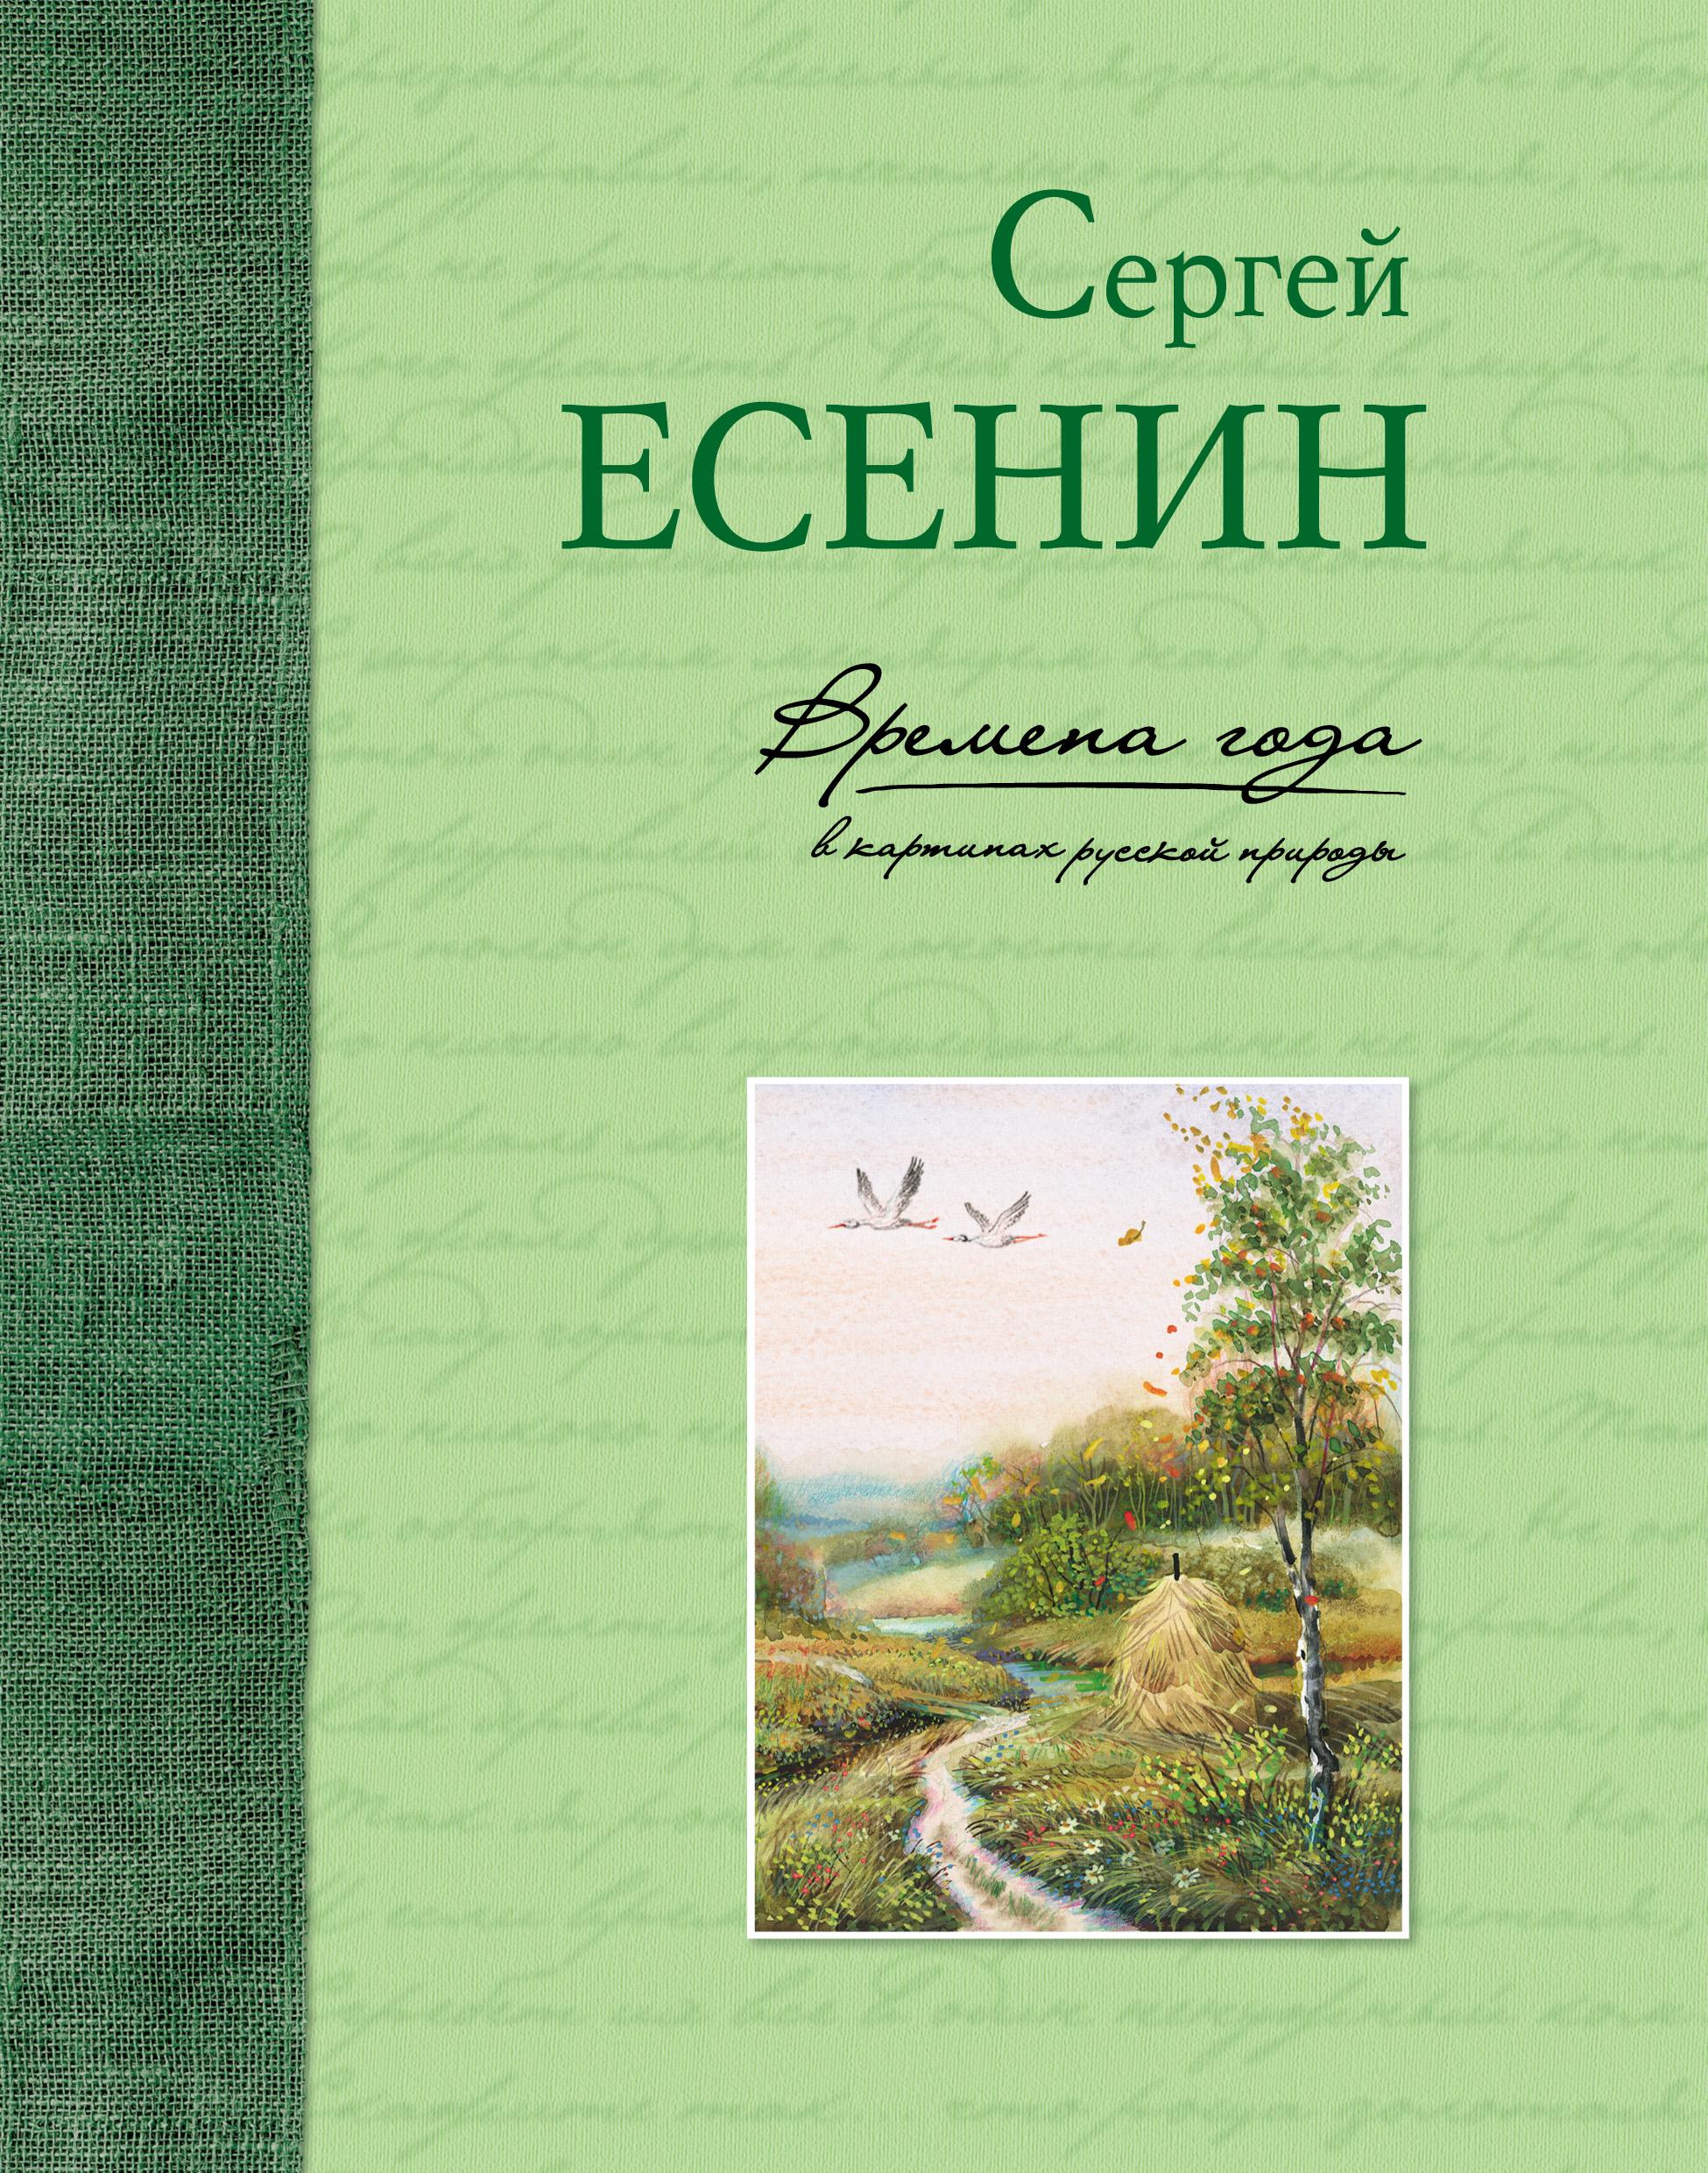 цена на Сергей Есенин Времена года в картинах русской природы